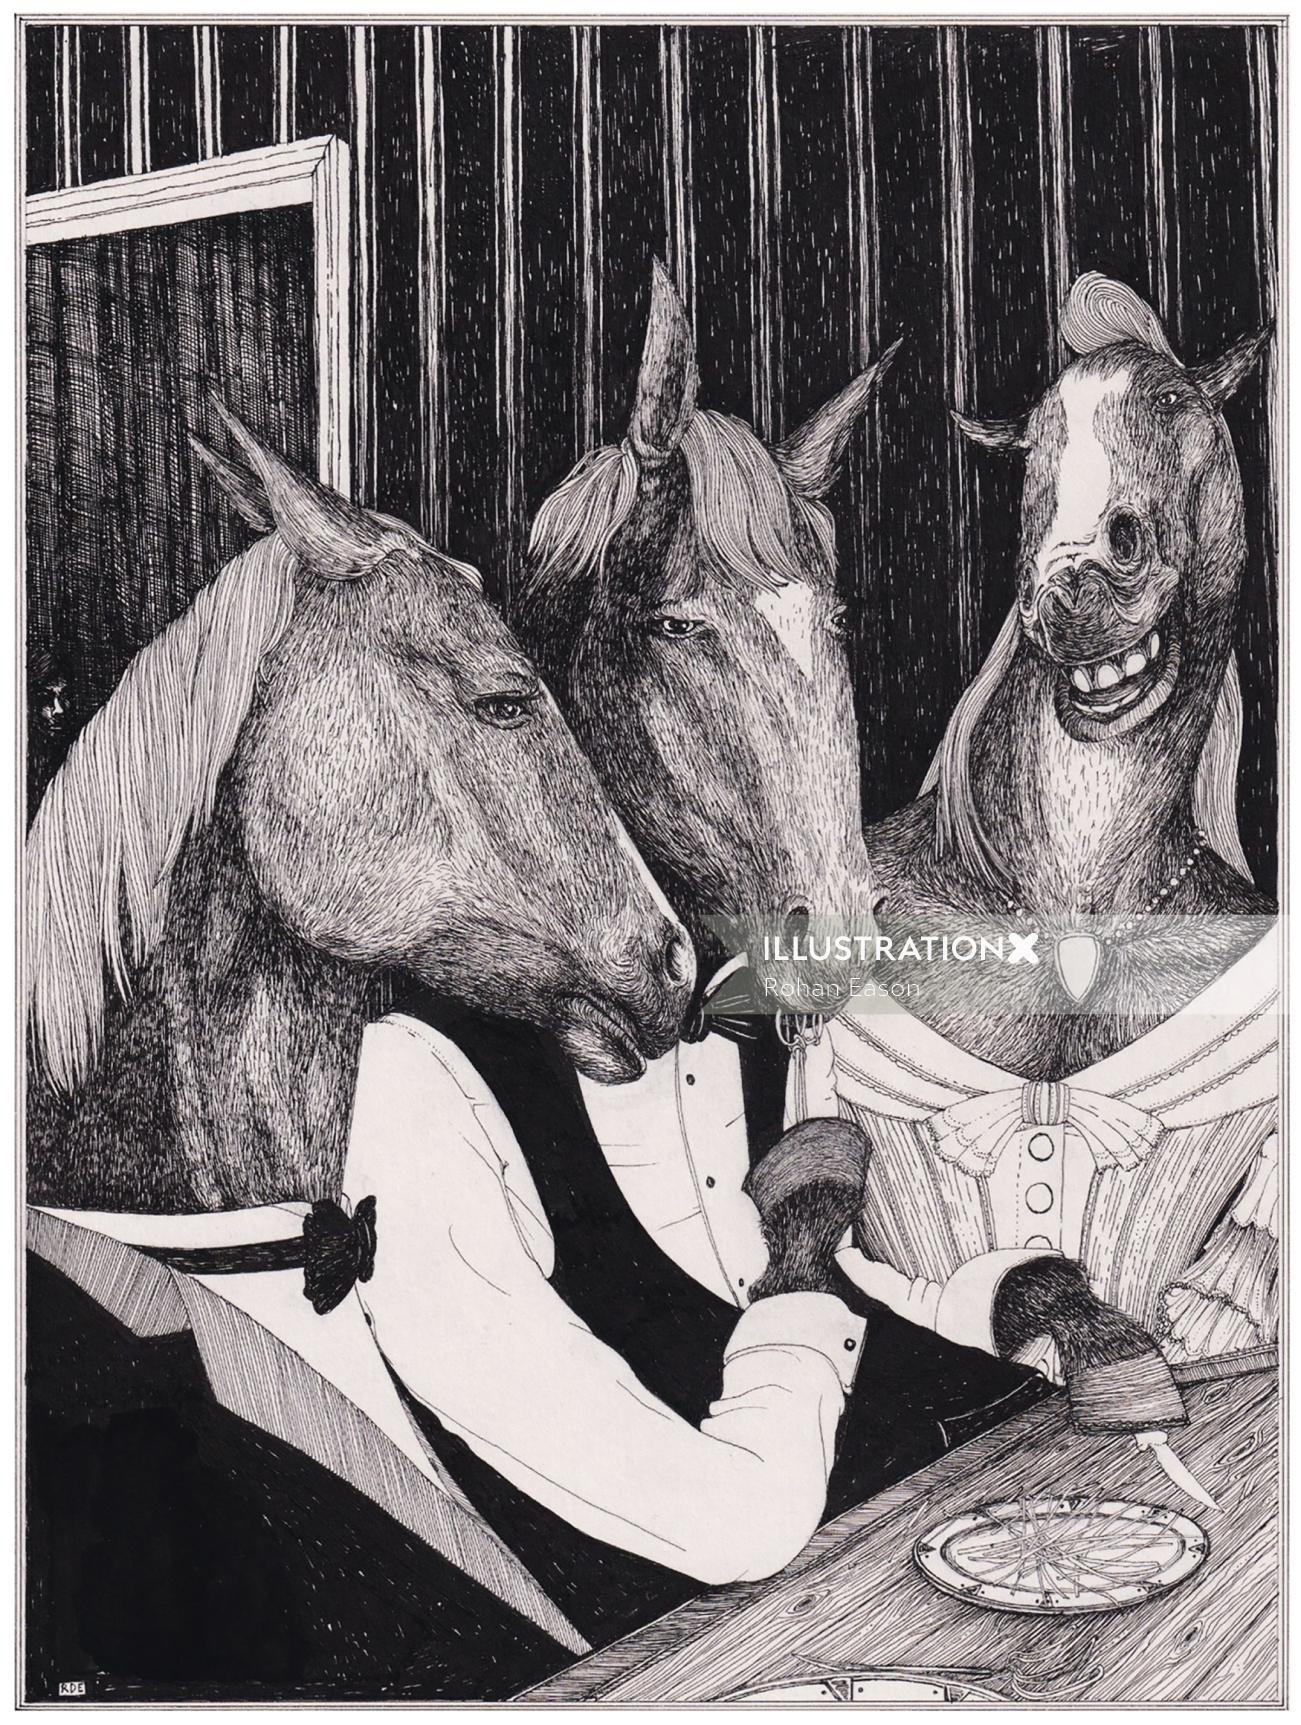 Horse dinner illustration